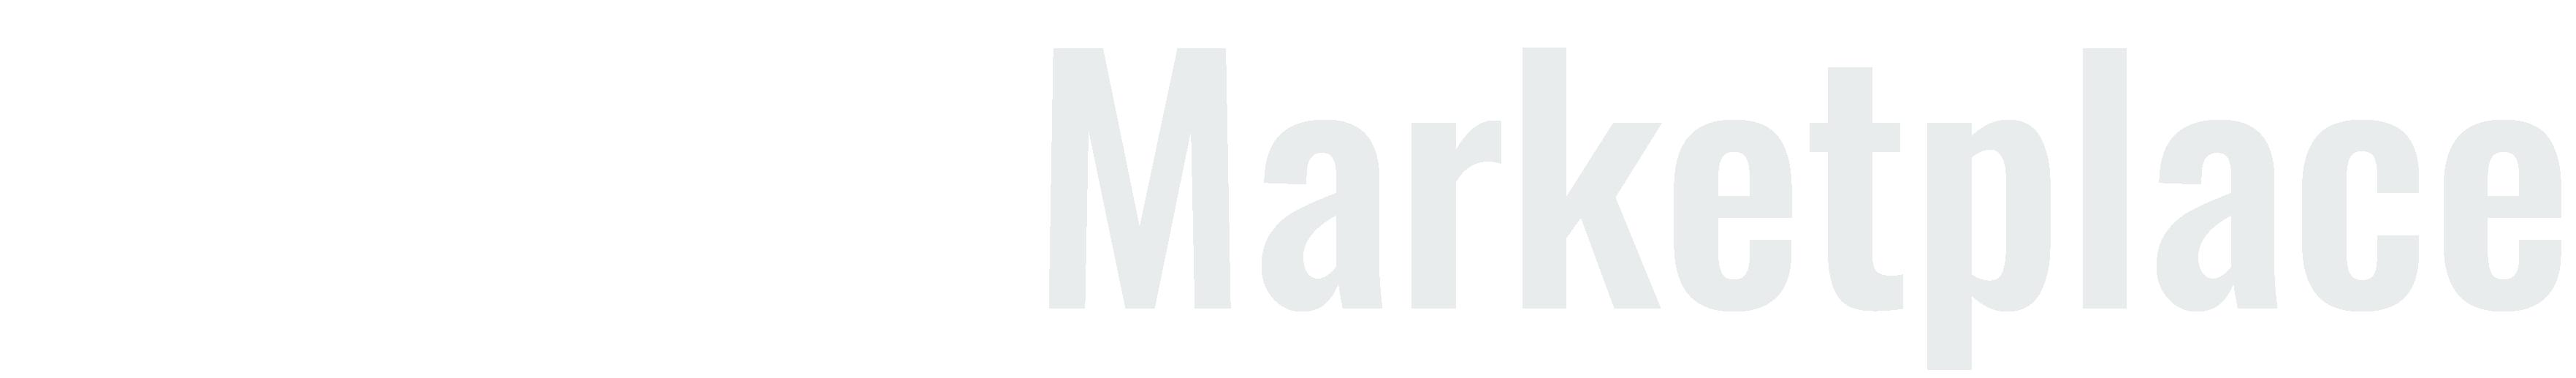 WOTCH Marketplace